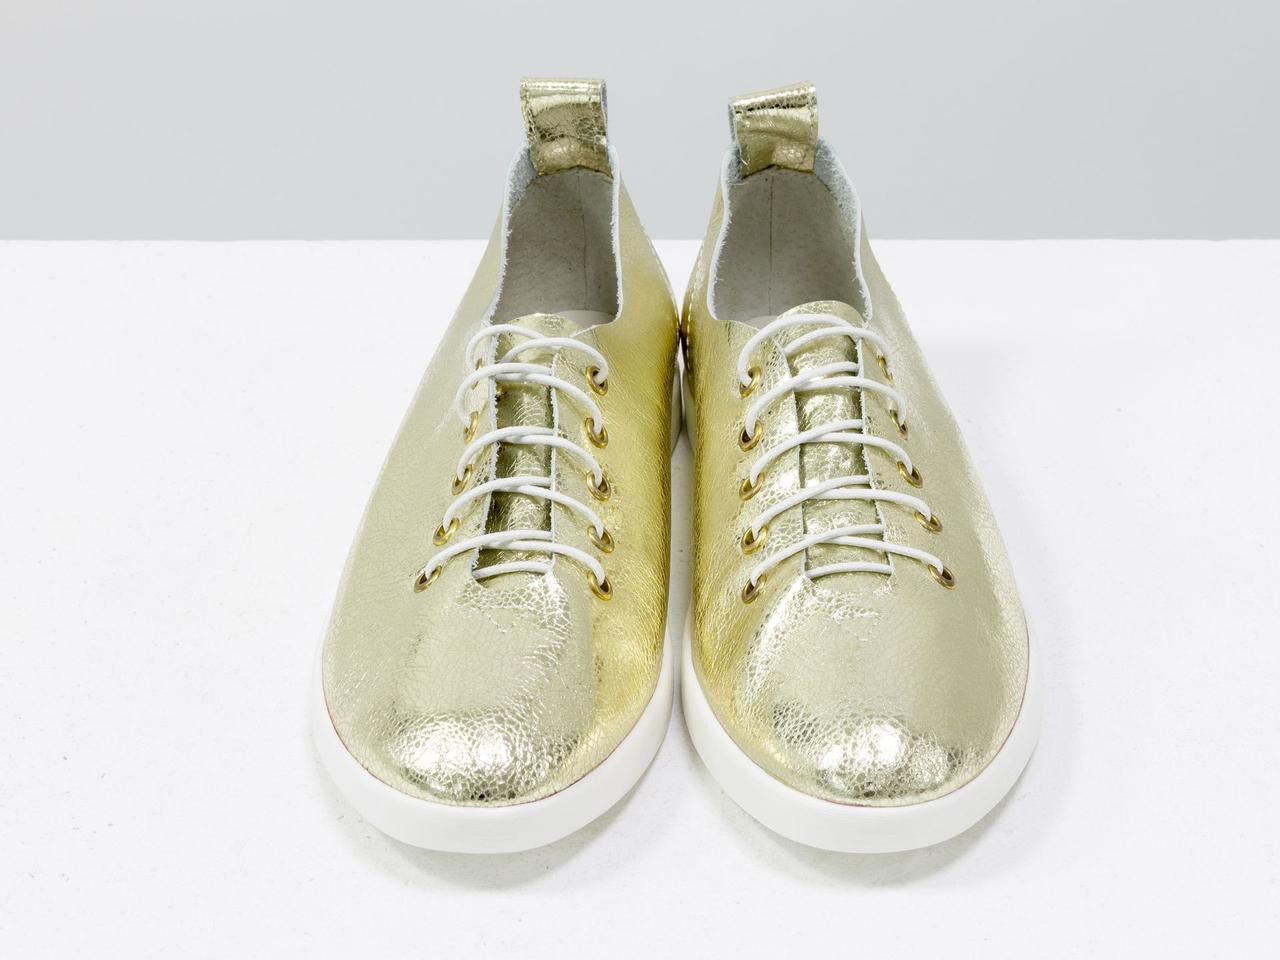 Невероятно легкие туфли-кеды из натуральной кожи золотого цвета на яркой белой подошве - фото 3